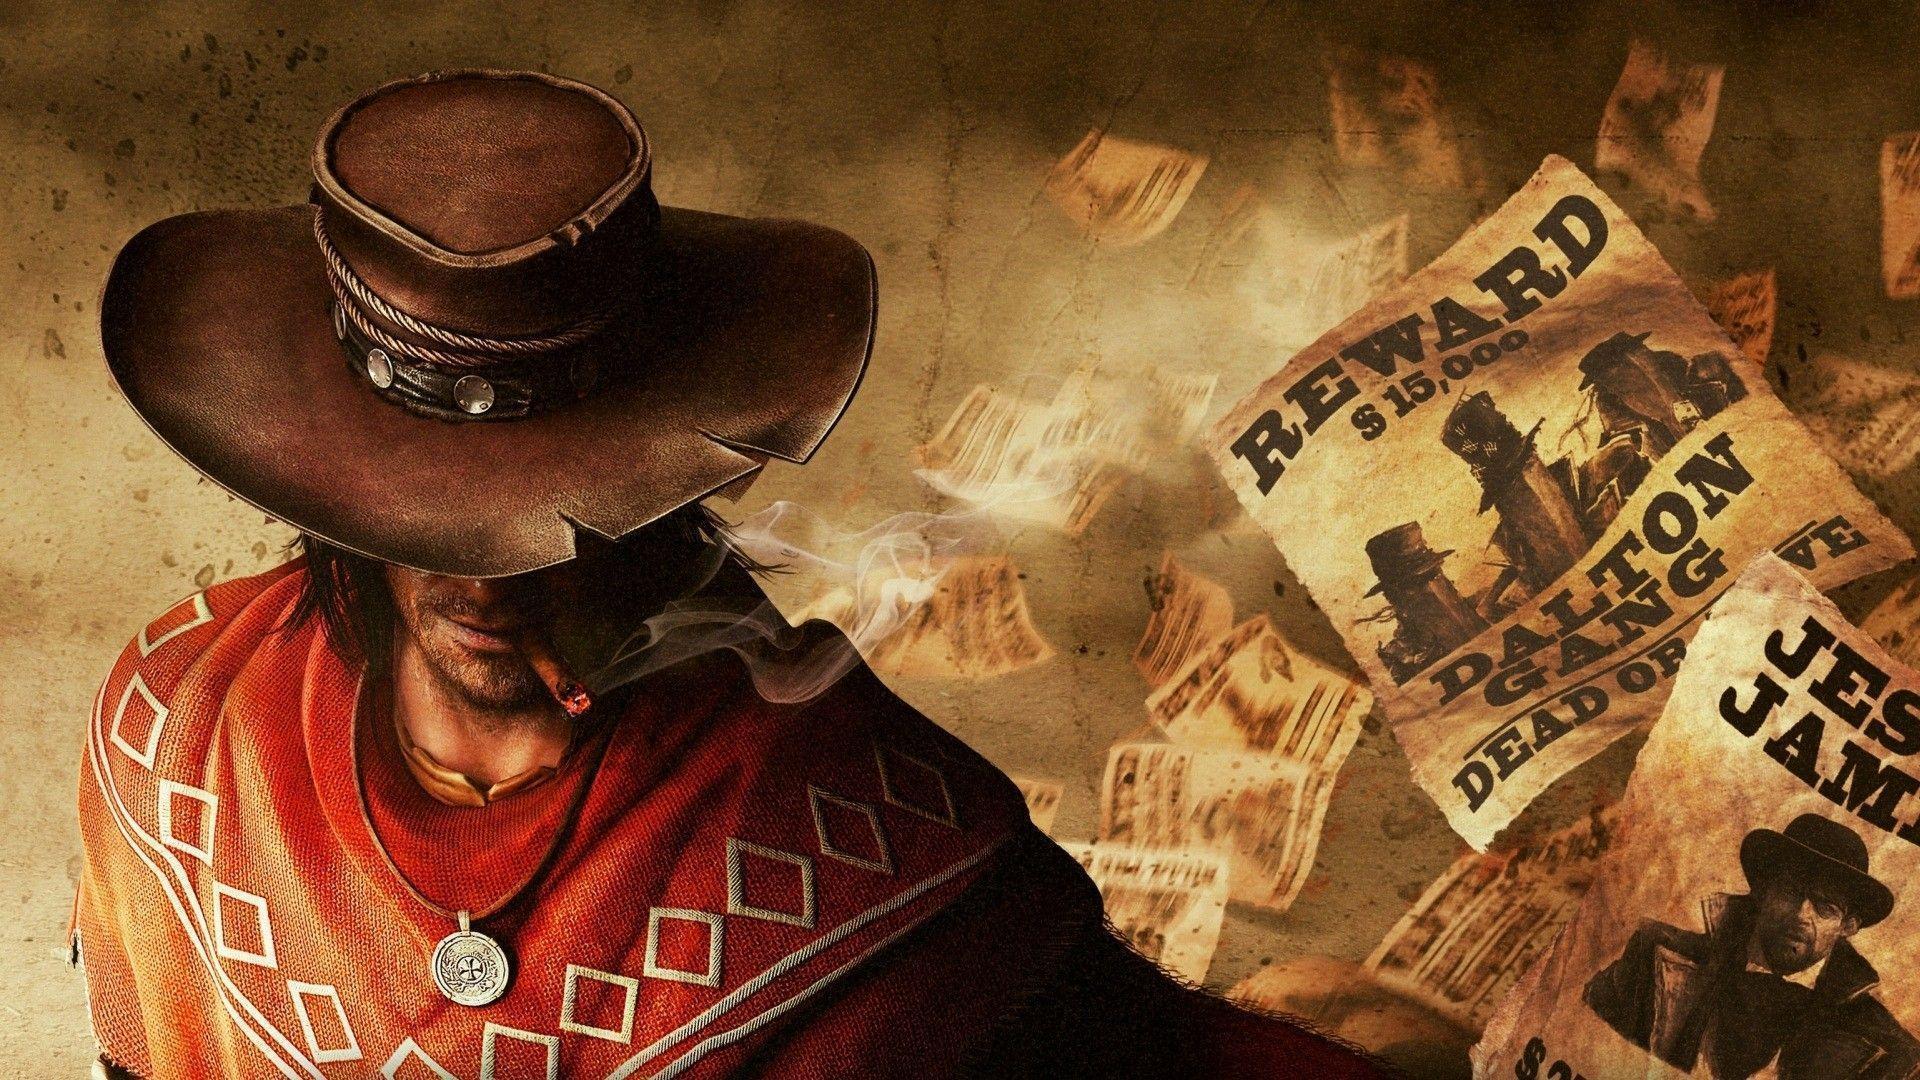 ผลการค้นหารูปภาพสำหรับ western cowboy america hdr